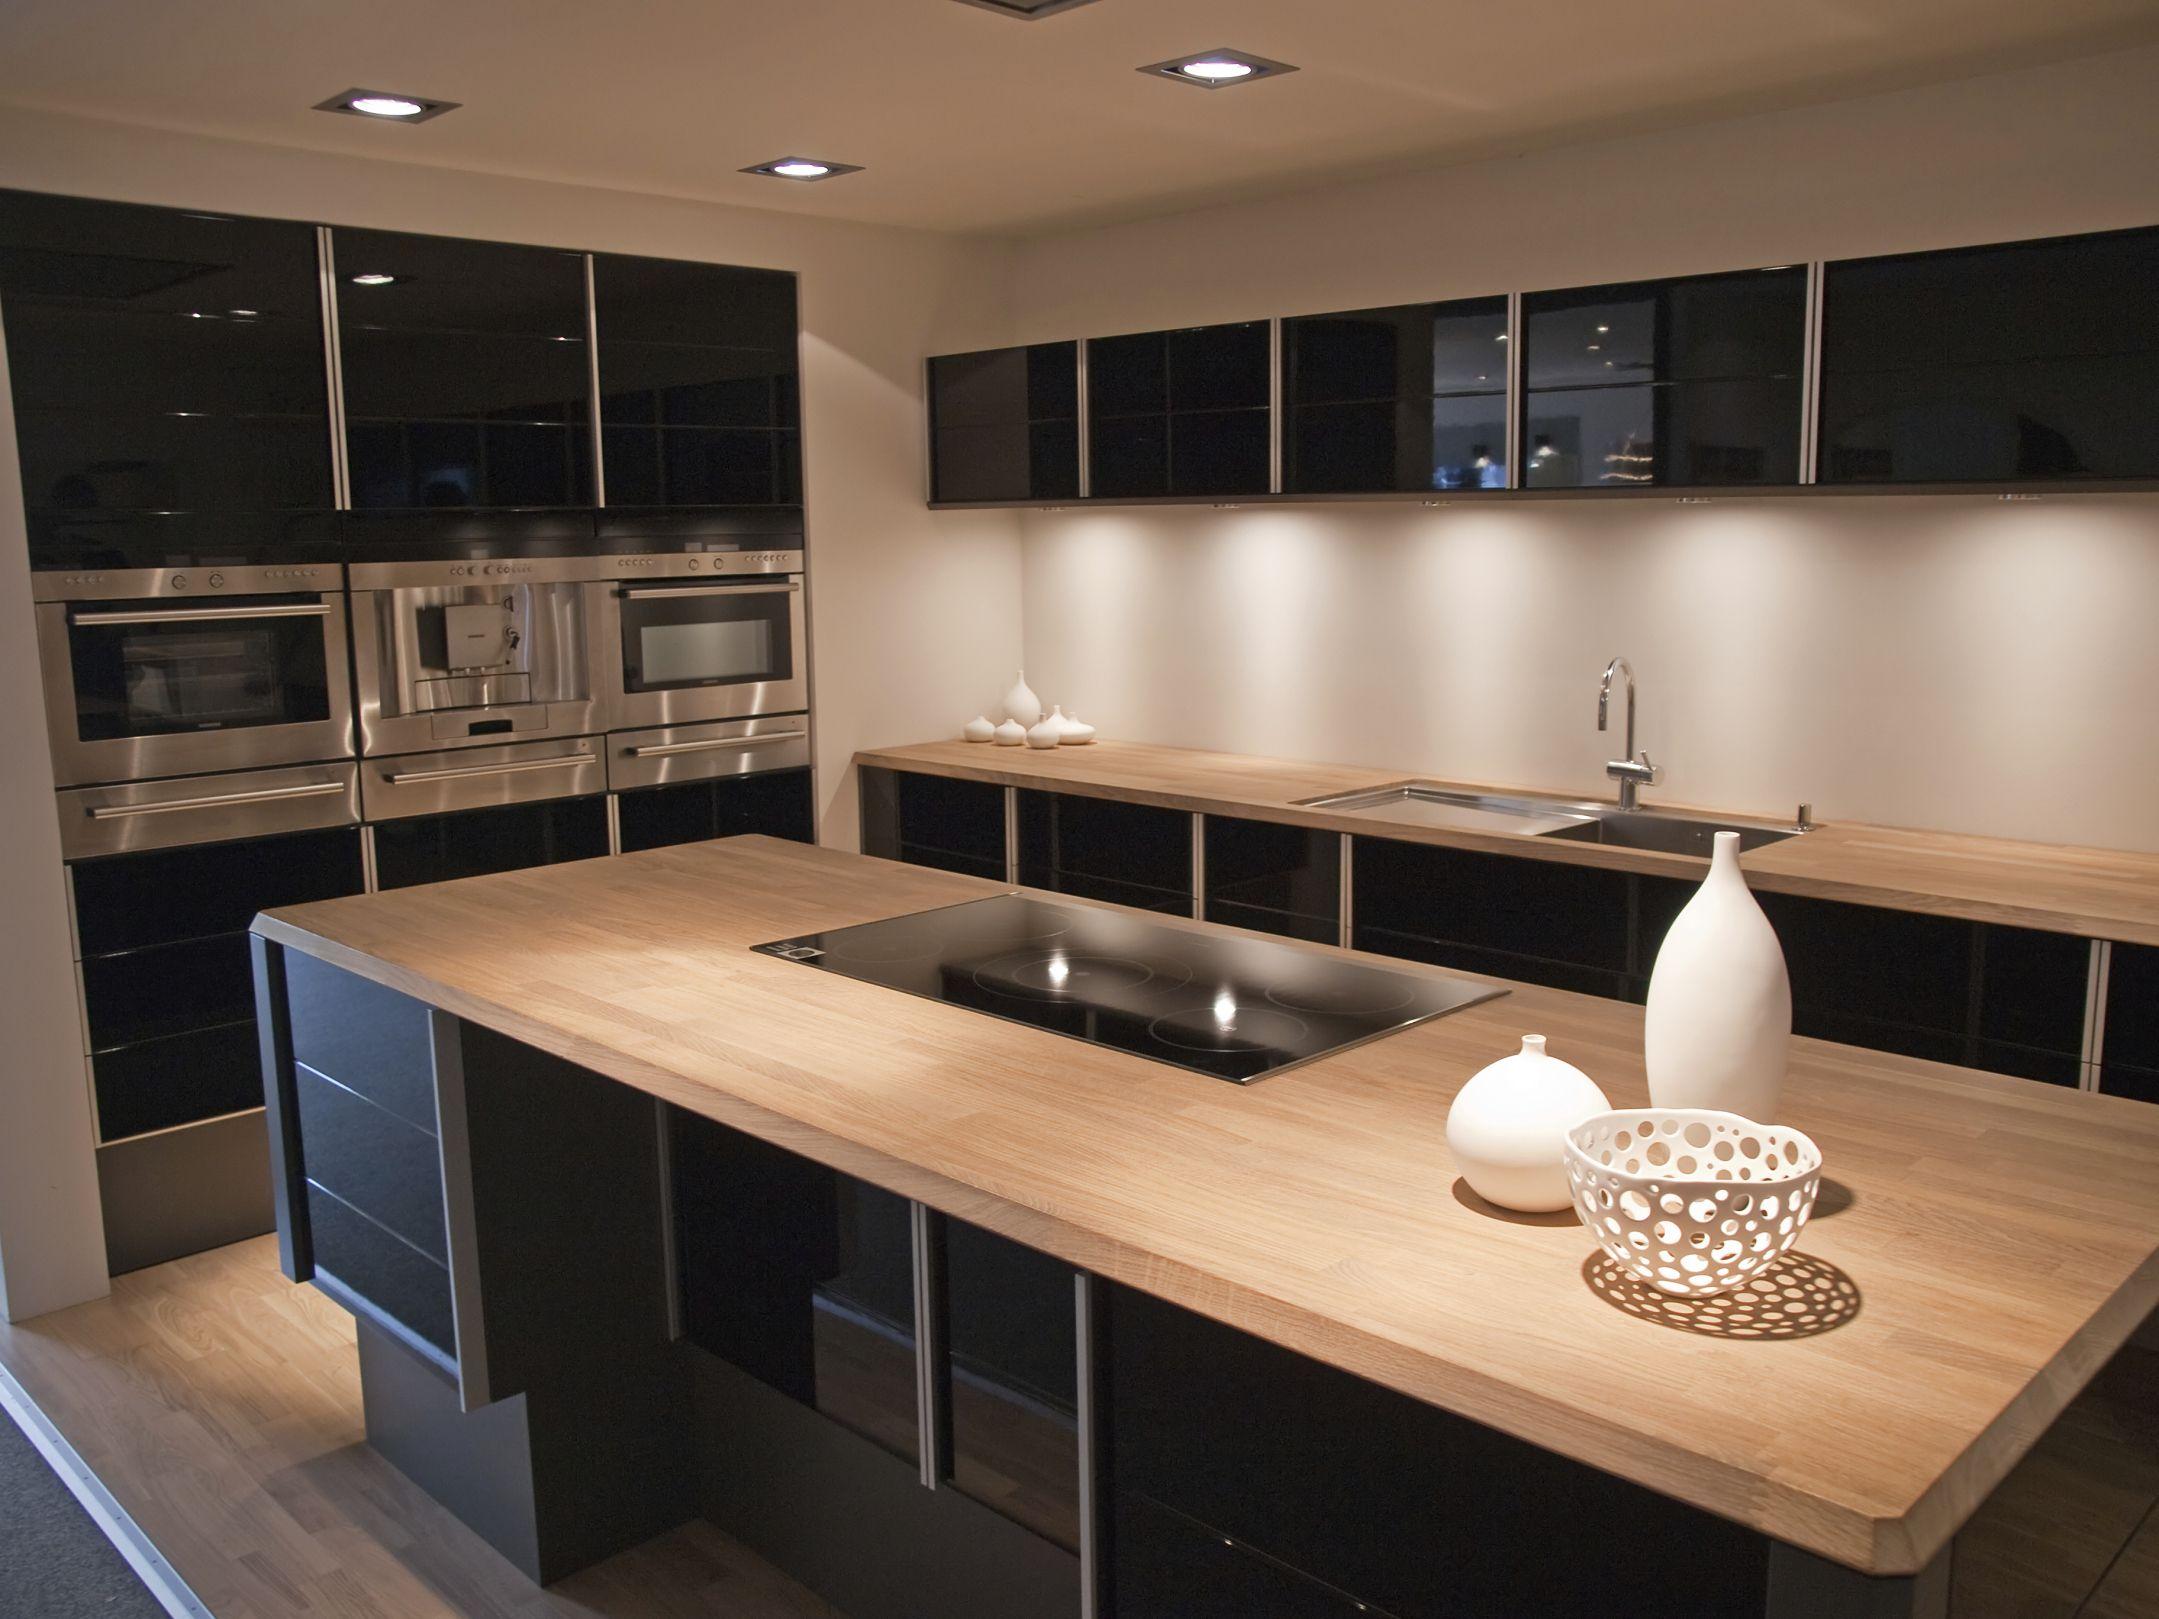 kitchen trends 2012/2013 | Naturals an Evergreen Kitchen Trend ...